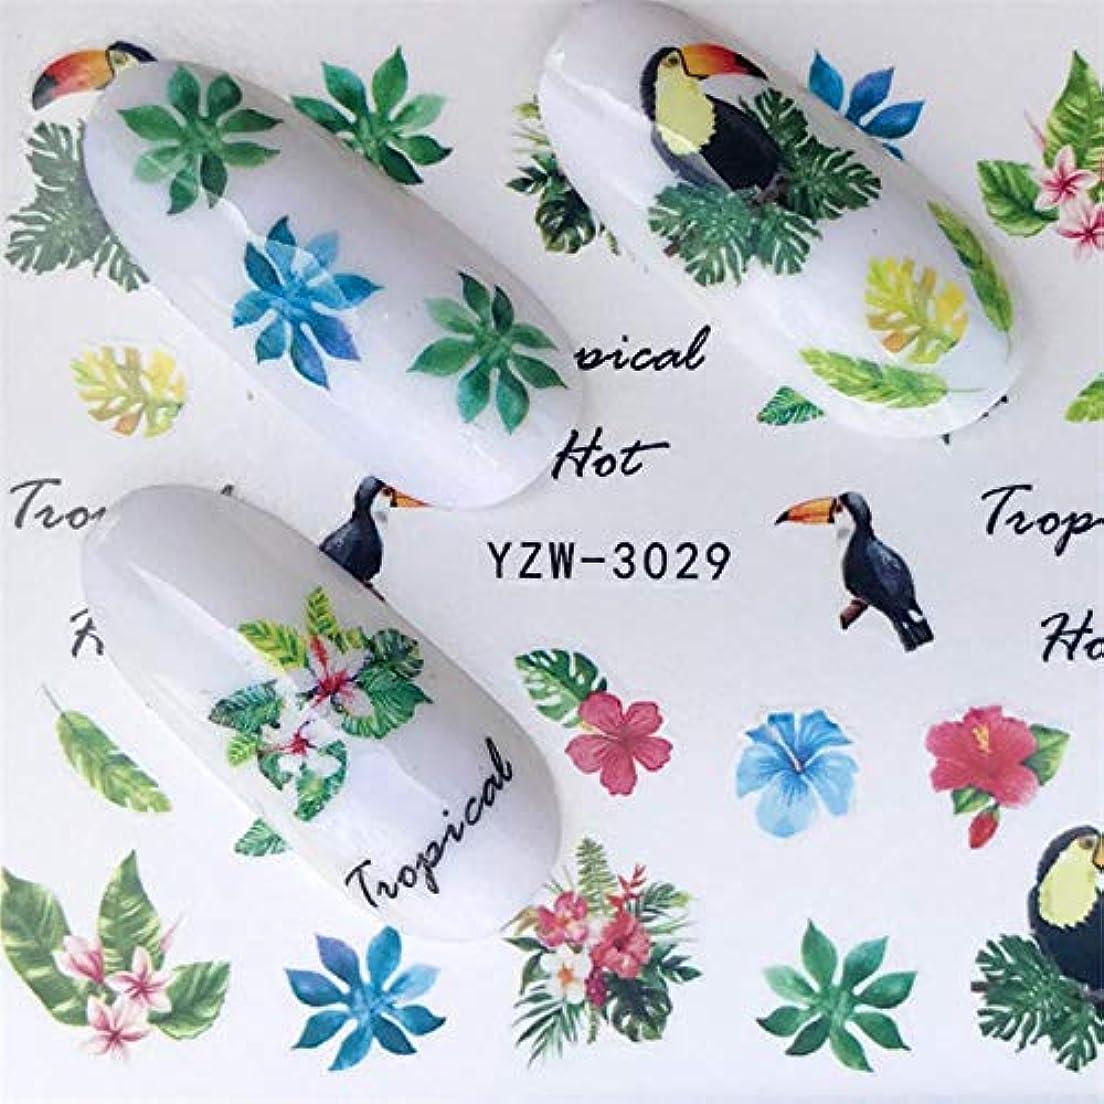 引退したペナルティおSUKTI&XIAO ネイルステッカー タンポポの透かしの釘のステッカーの花の漫画の飲み物の釘の芸術の装飾の付属品、Yzw-3029